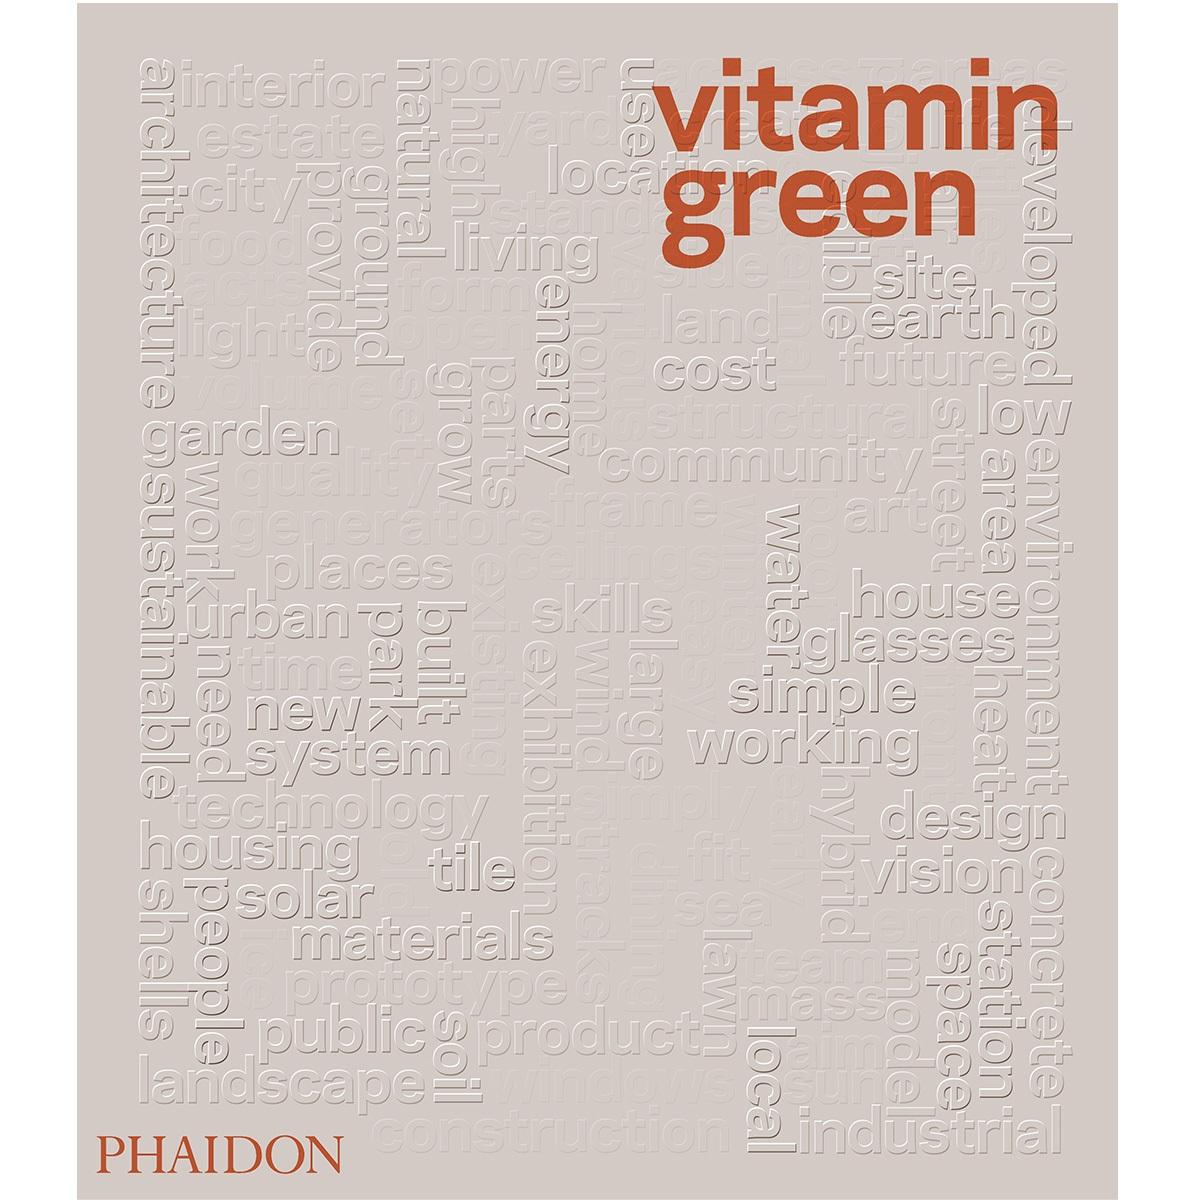 Book, phaidon, Vitamin green